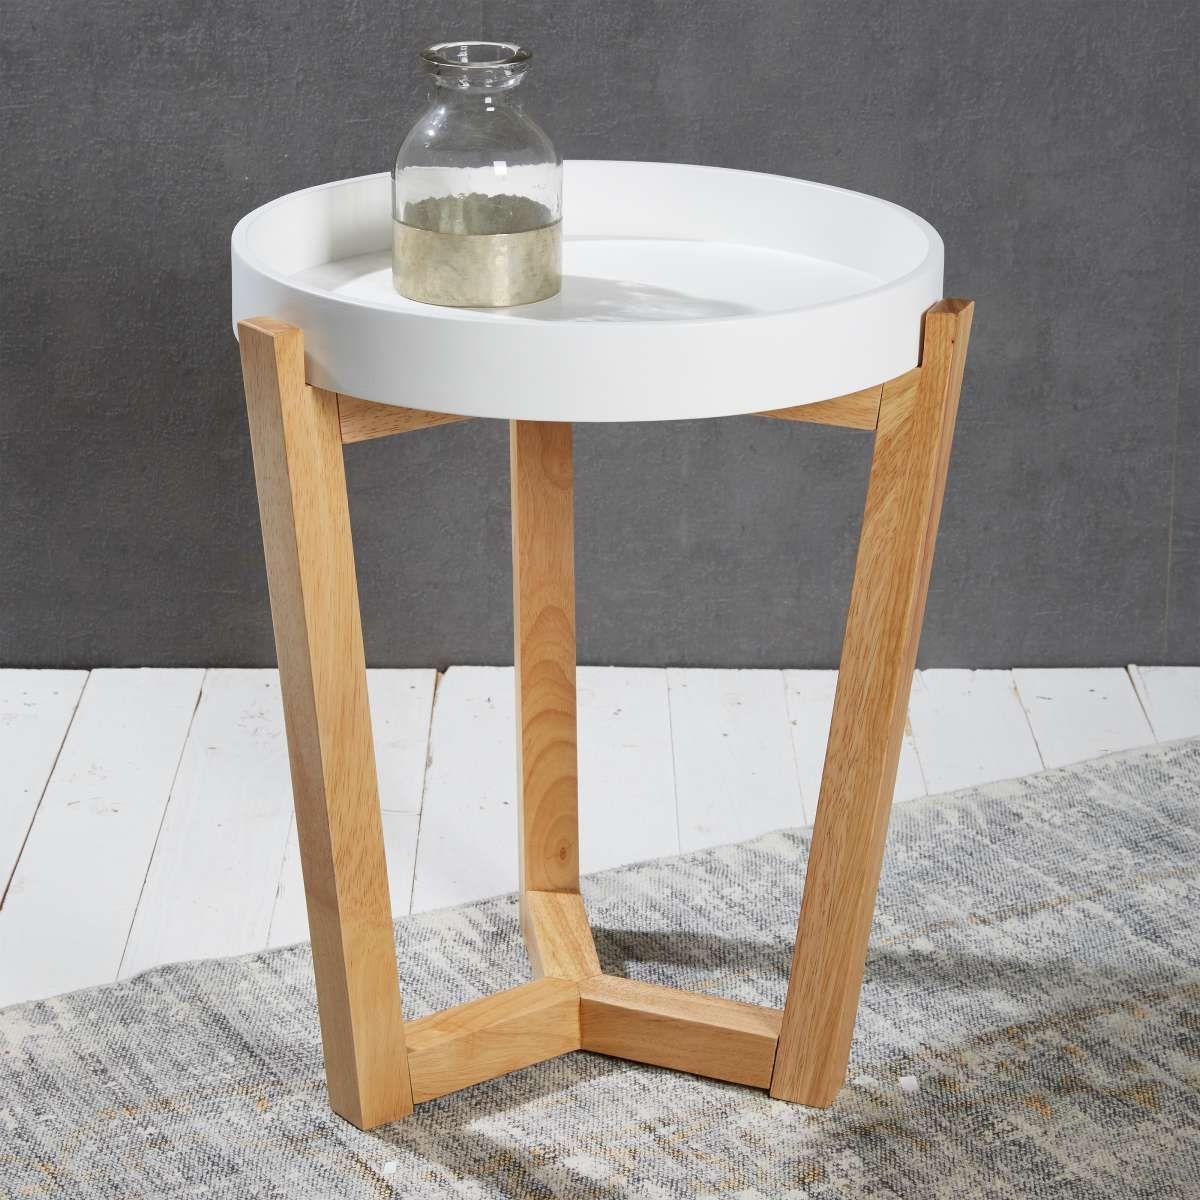 Lc Home Beistelltisch Tablett Abnehmbar 40cm Rund Holz Chic Lifestyle Weiss In 2020 Wohnzimmertisch Holz Beistelltisch Beistelltisch Holz